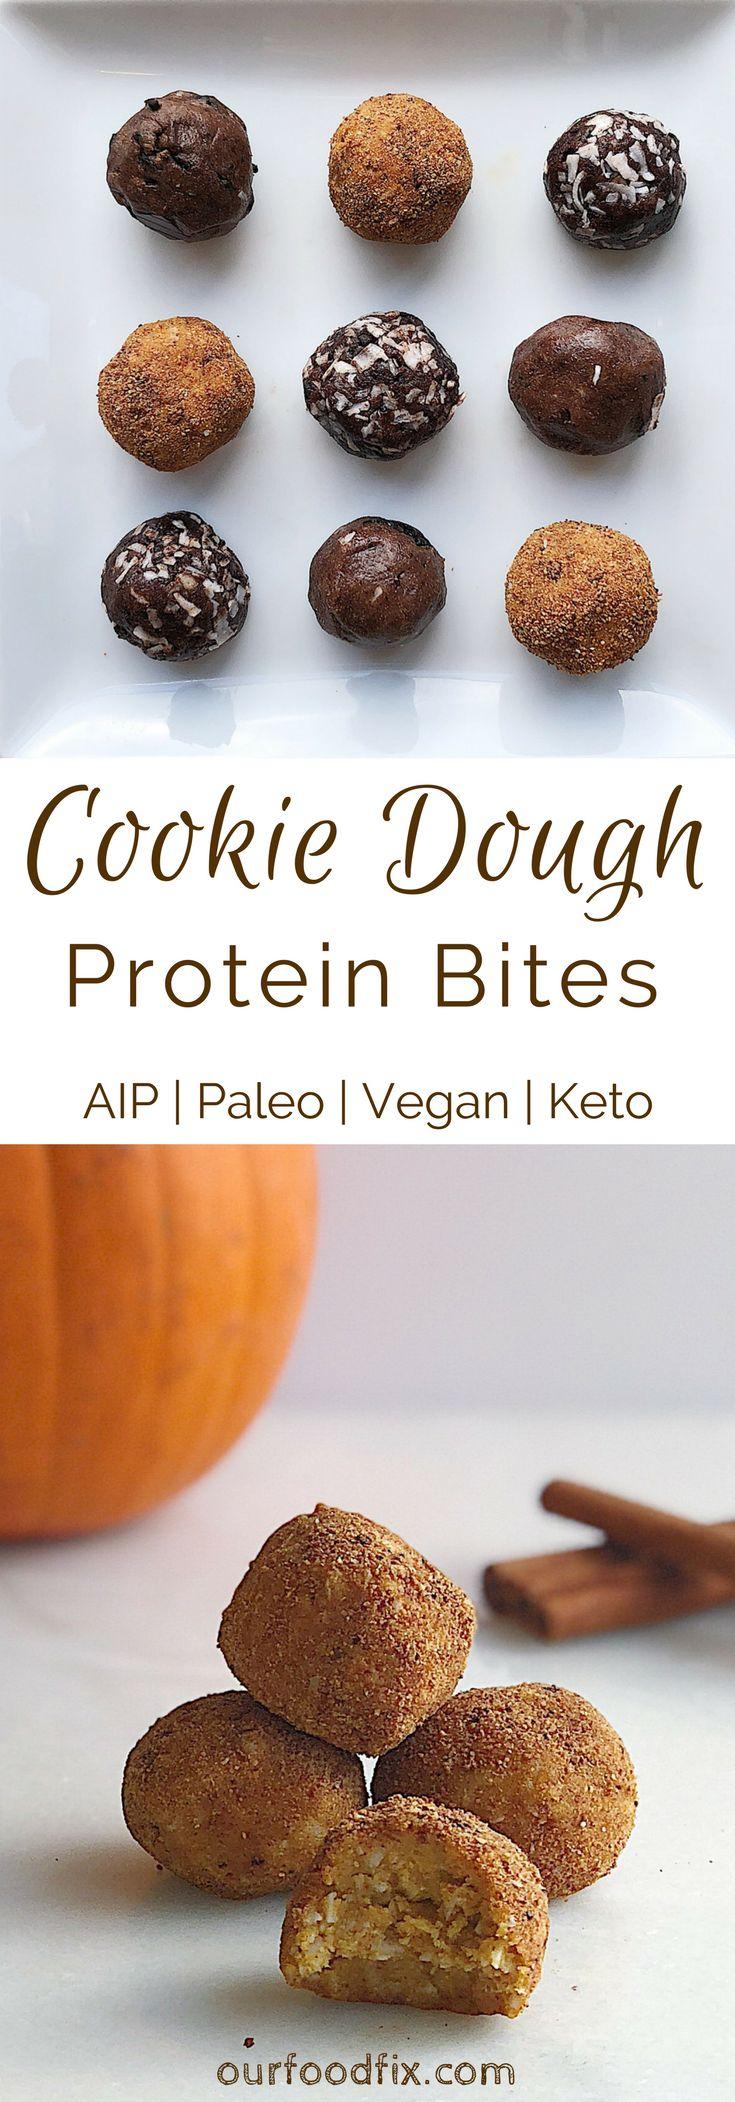 Cookie Dough Protein Bites 3 Ways (AIP, Keto, Vegan)